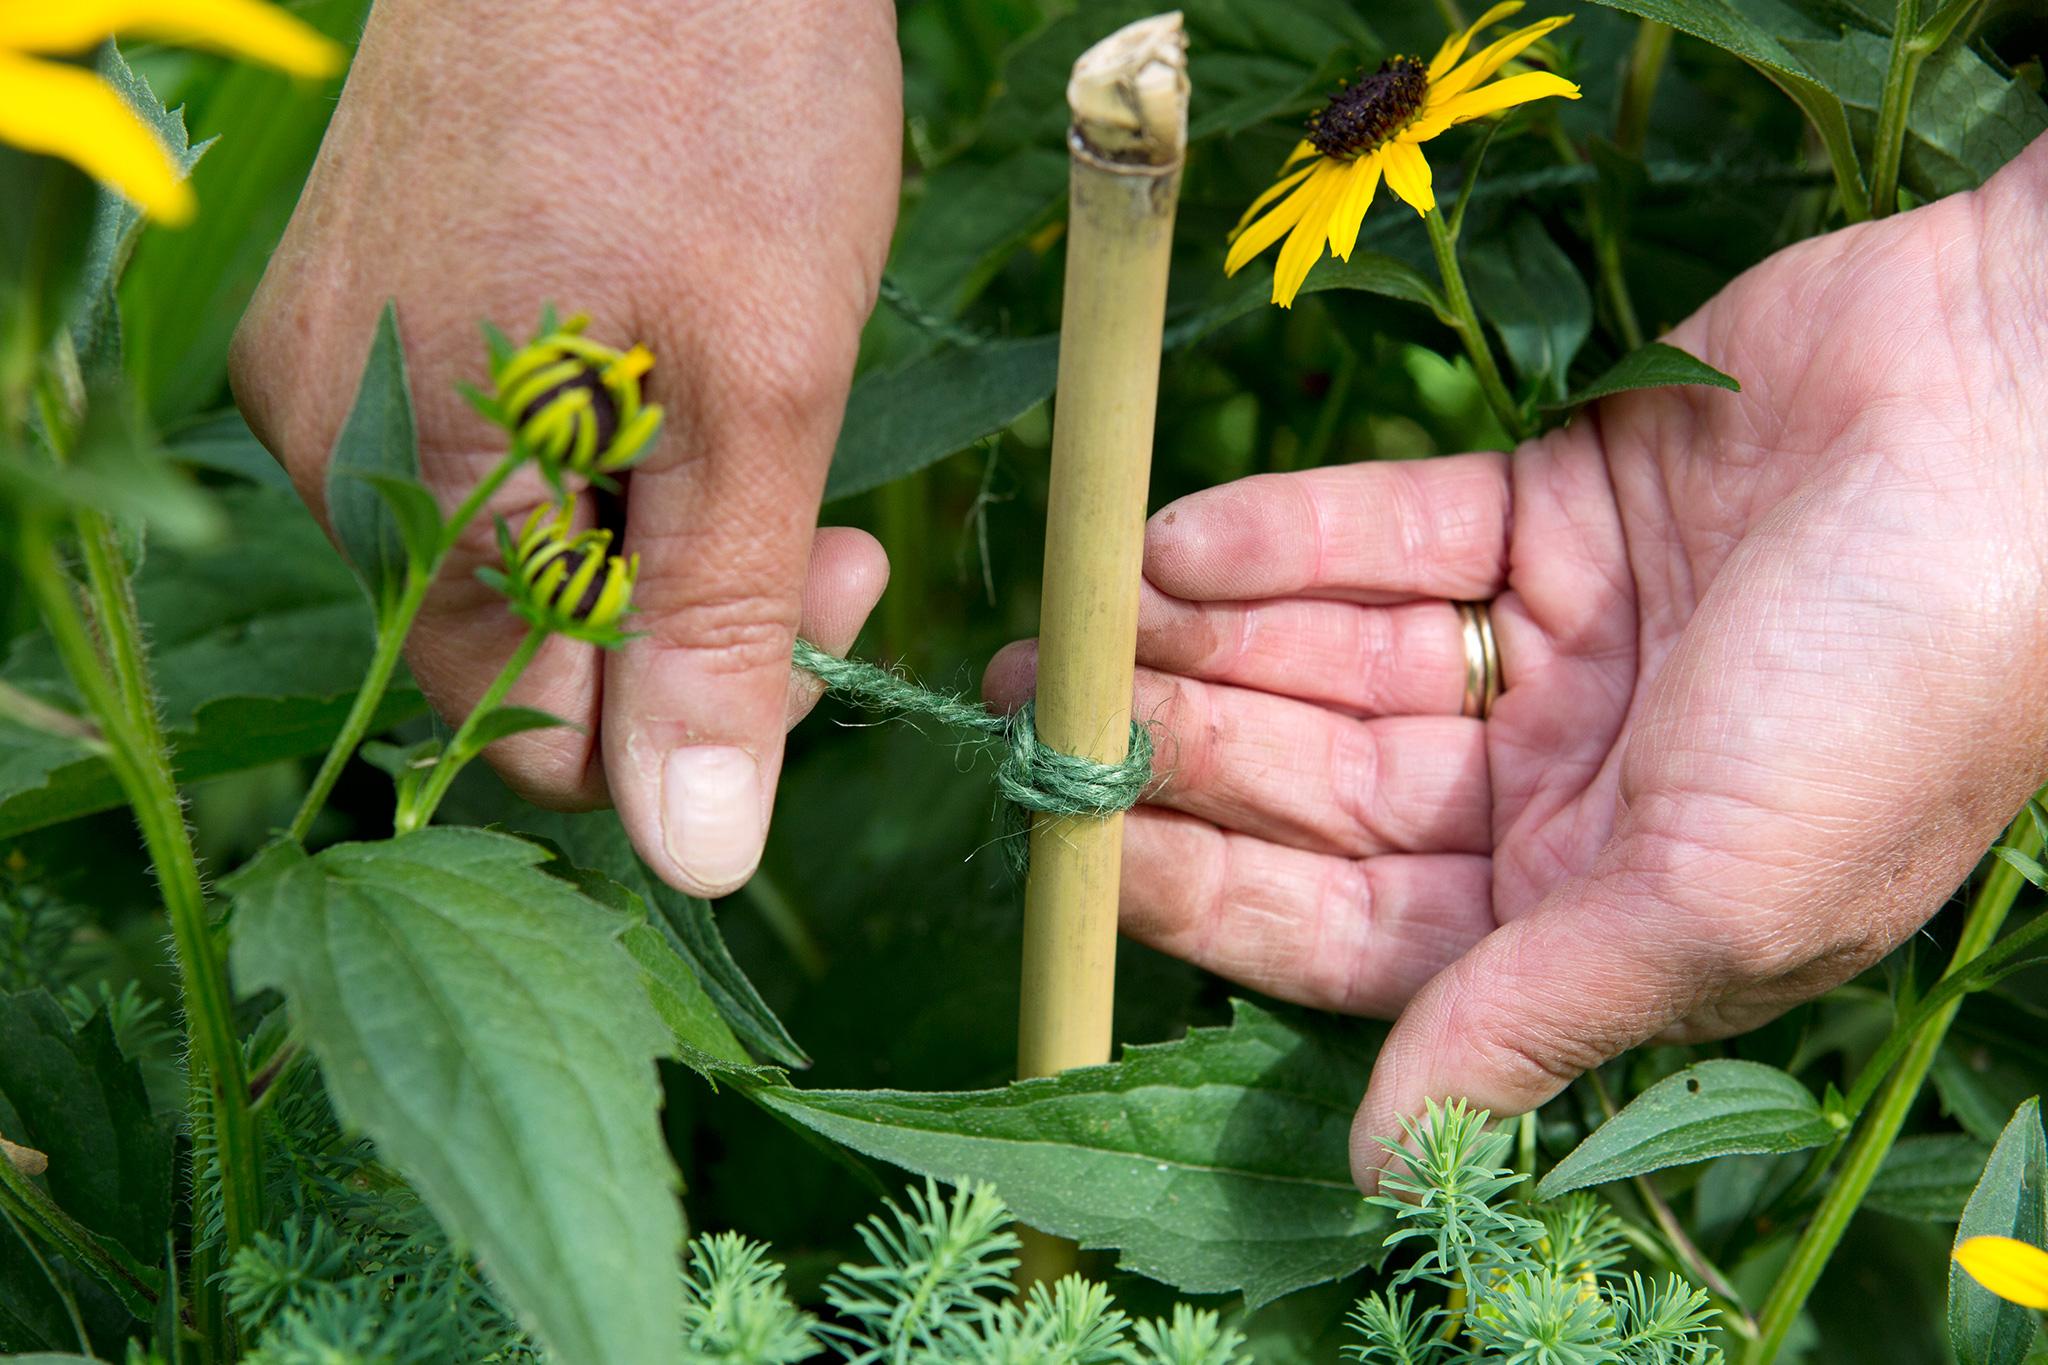 tying-string-to-garden-cane-2